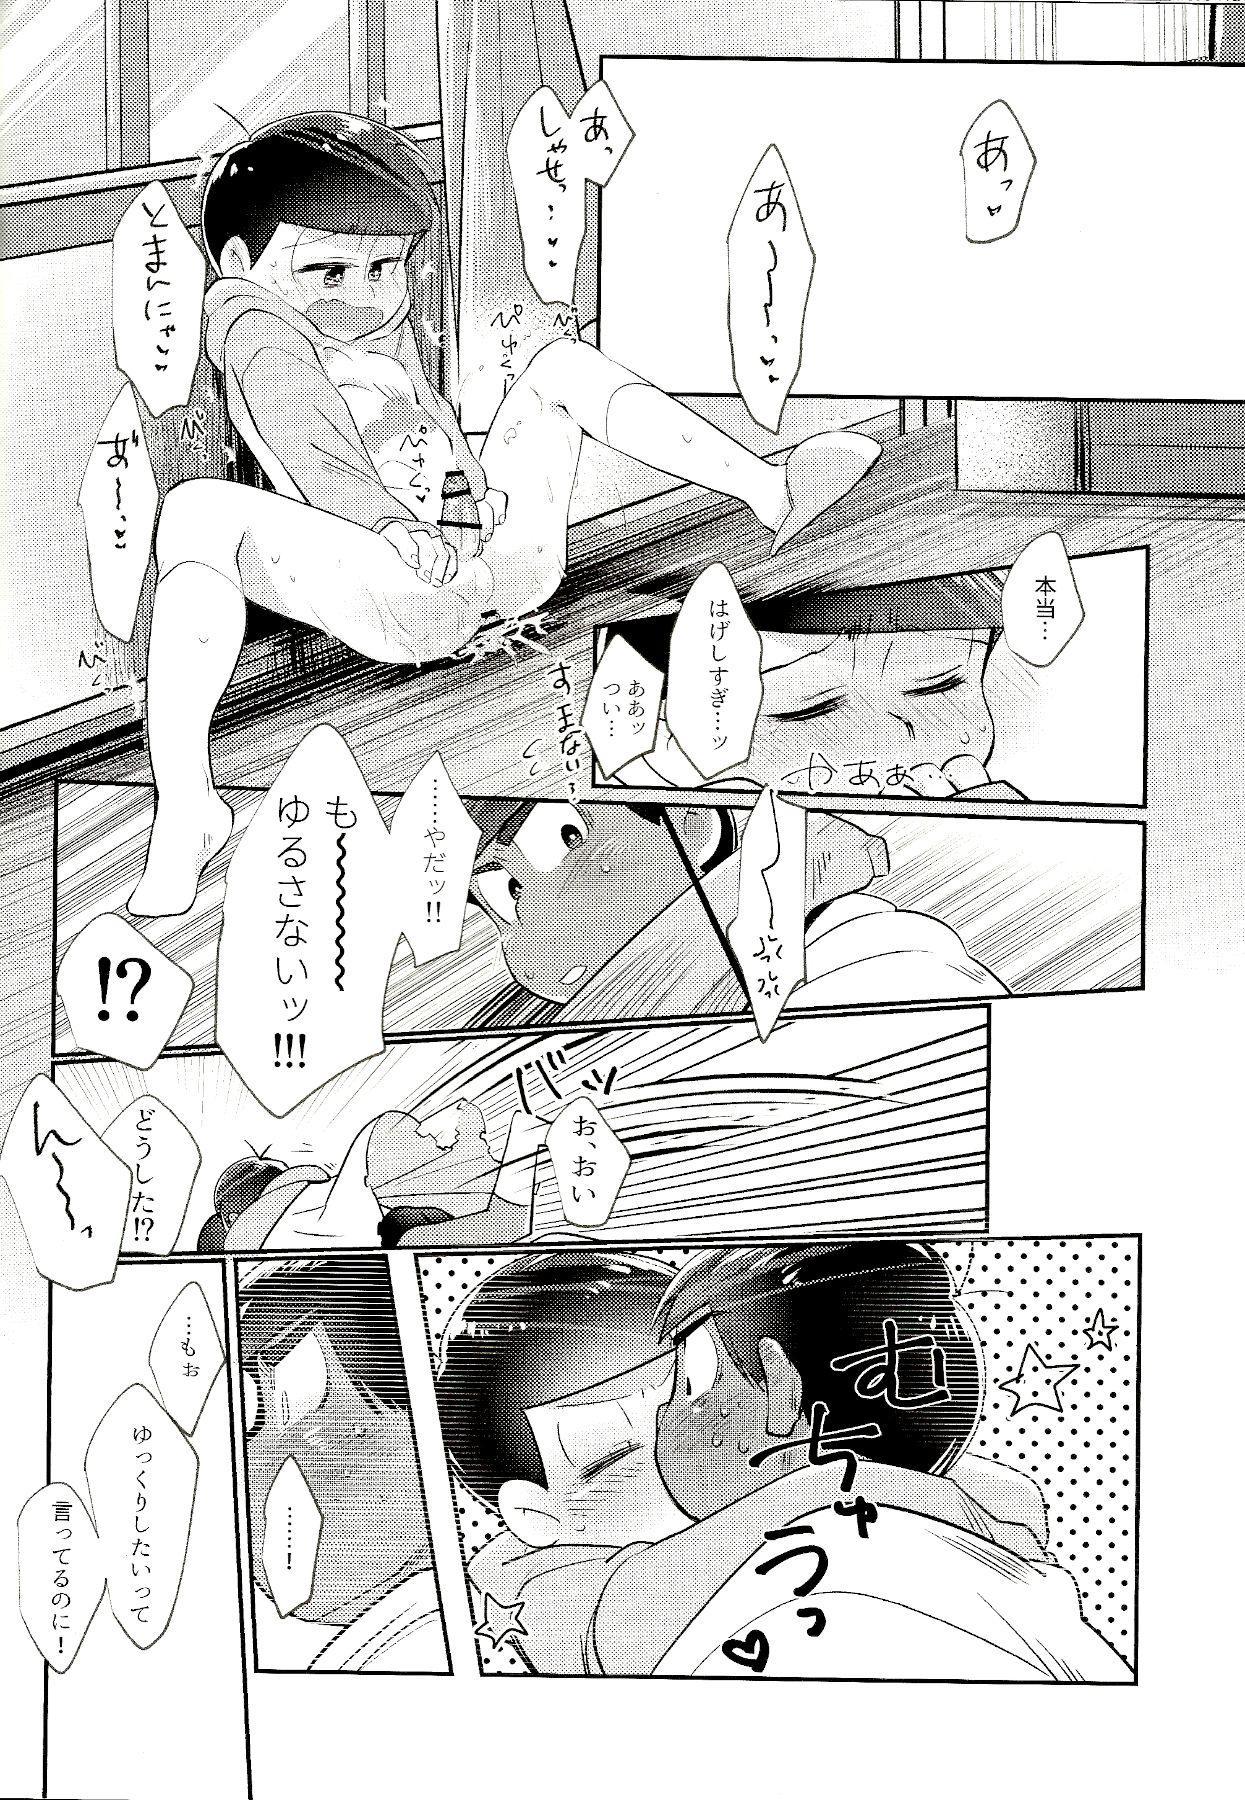 My Riru Juushimatsu ga Summer Kamen to xx Shitaidato!? 22